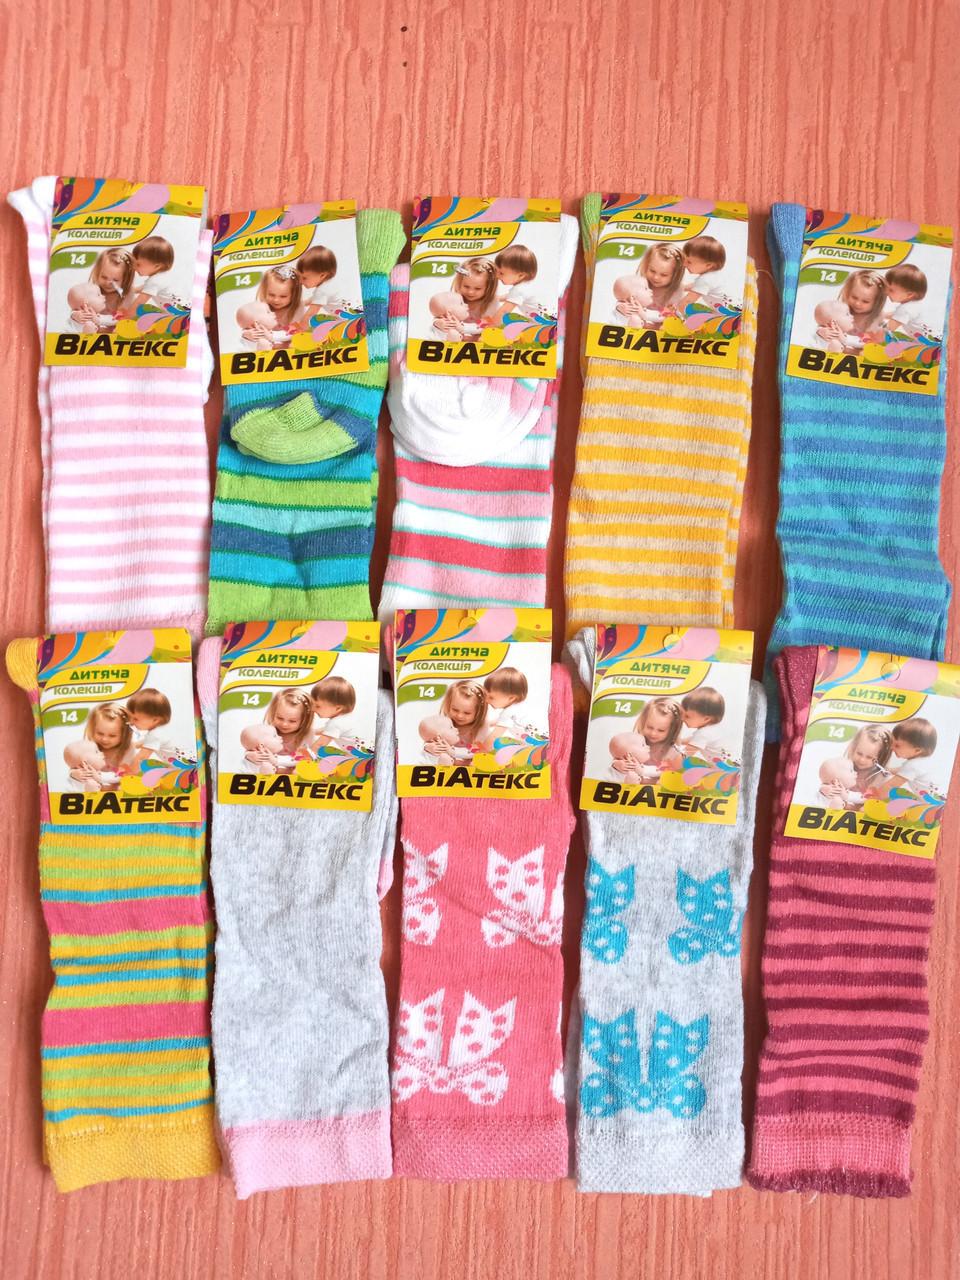 Гольфы носки детские на девочек хлопок стрейч р.14,16. От 24 пар по 3грн.